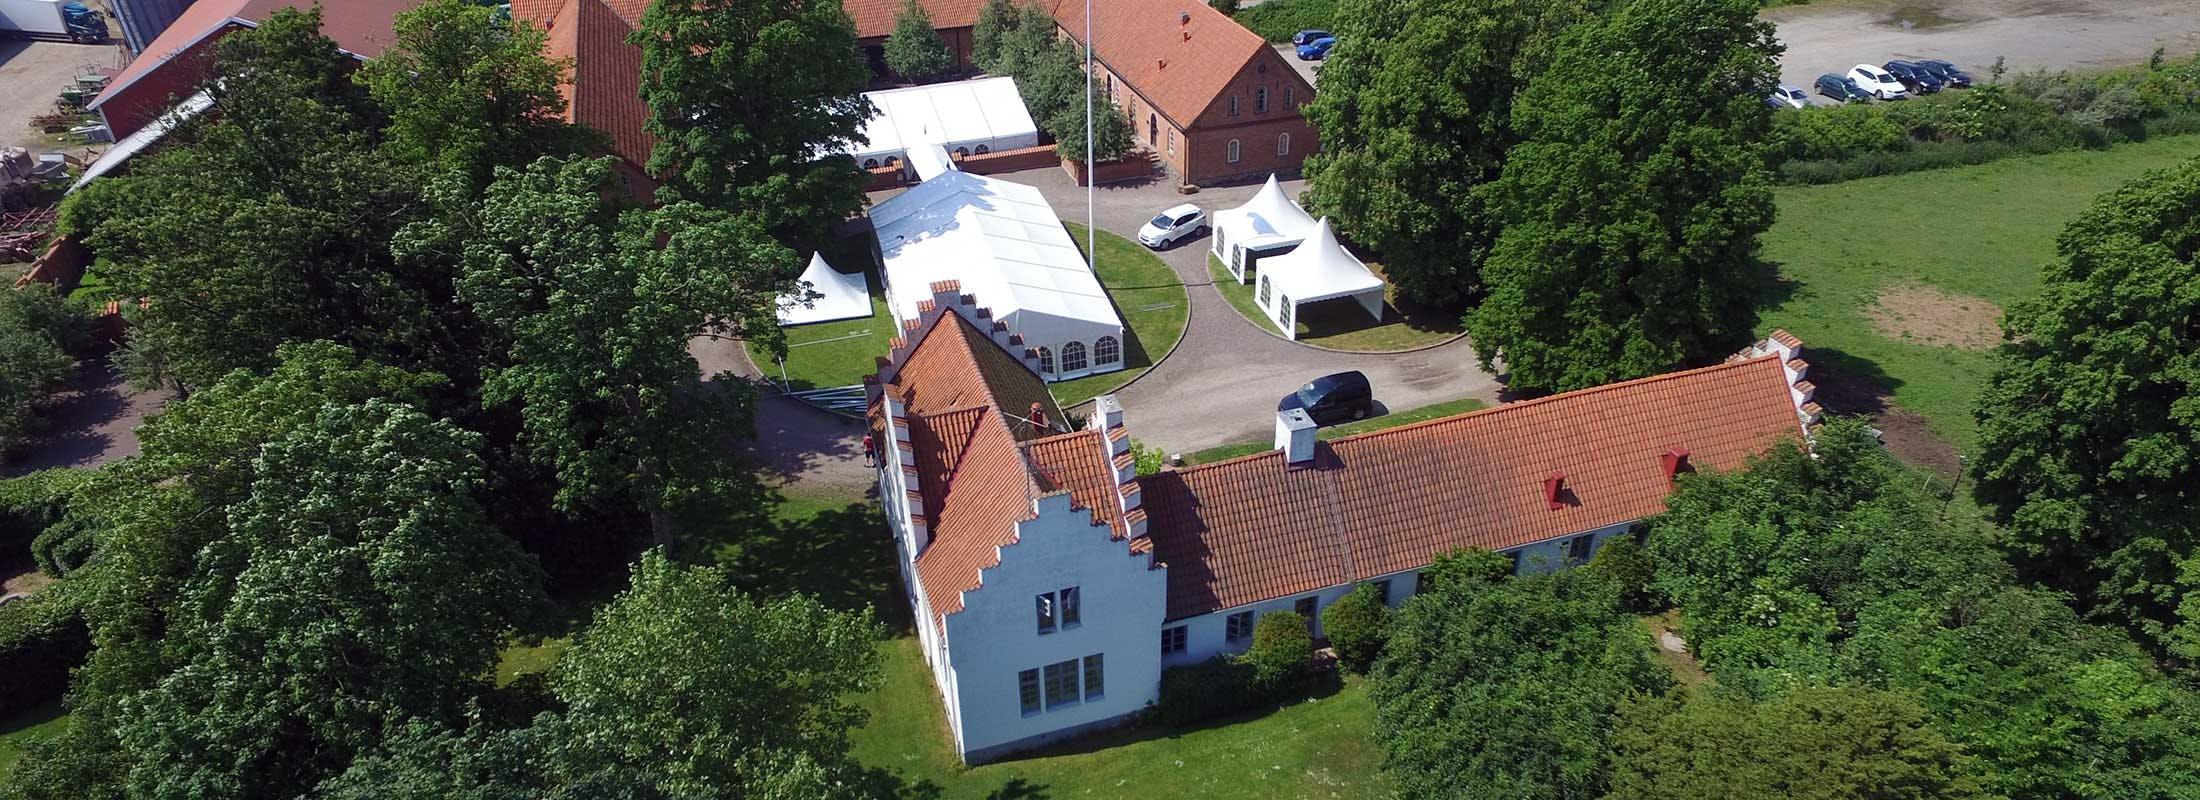 Dessa partytält kan du hyra i Varberg Rent a Tent